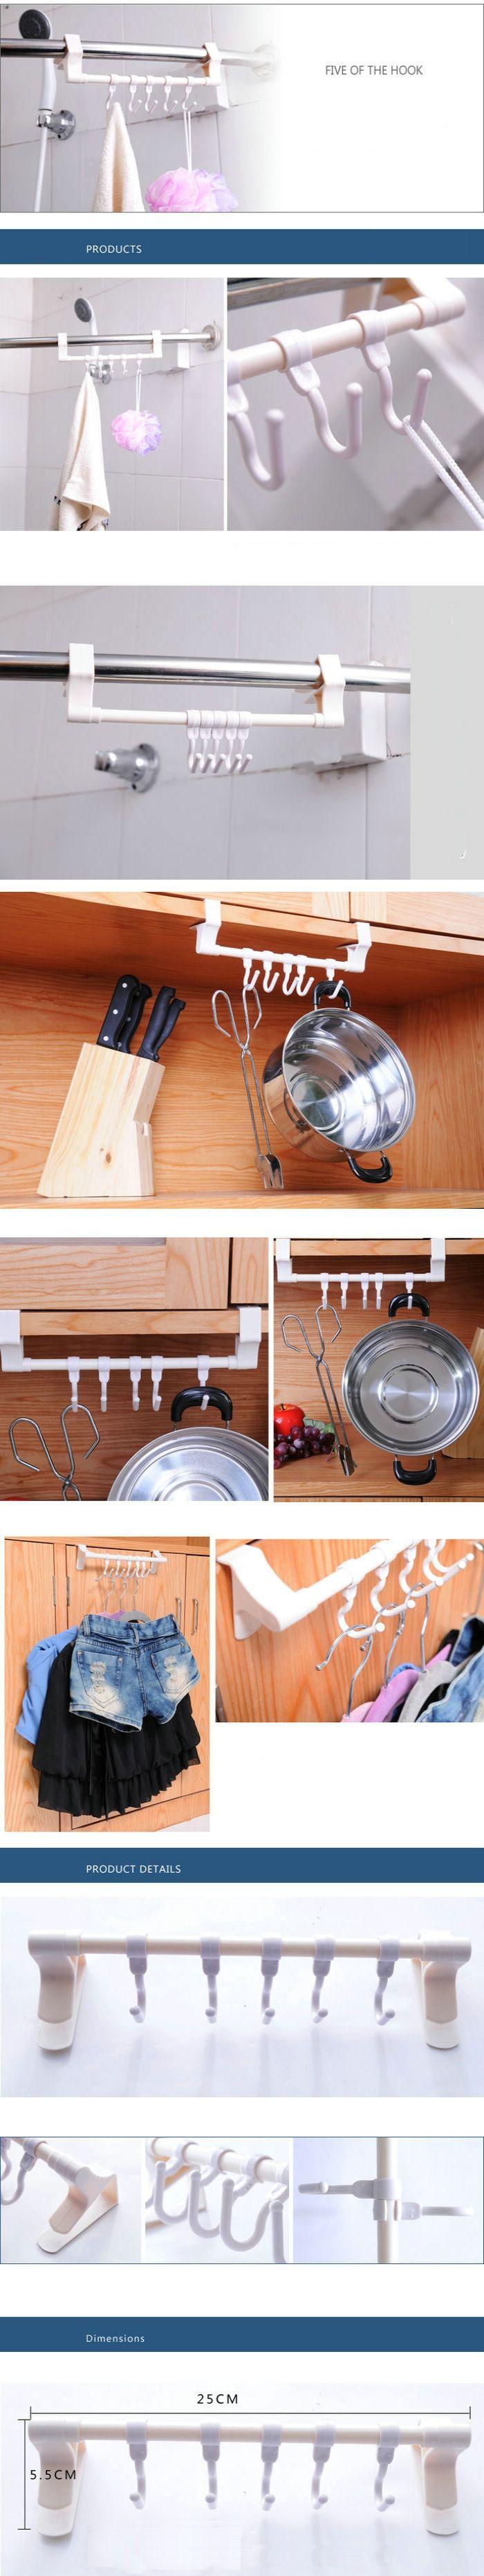 Ausziehbarer Handtuchhalter Küche Bad Halter Handtuch Geschirrtuch